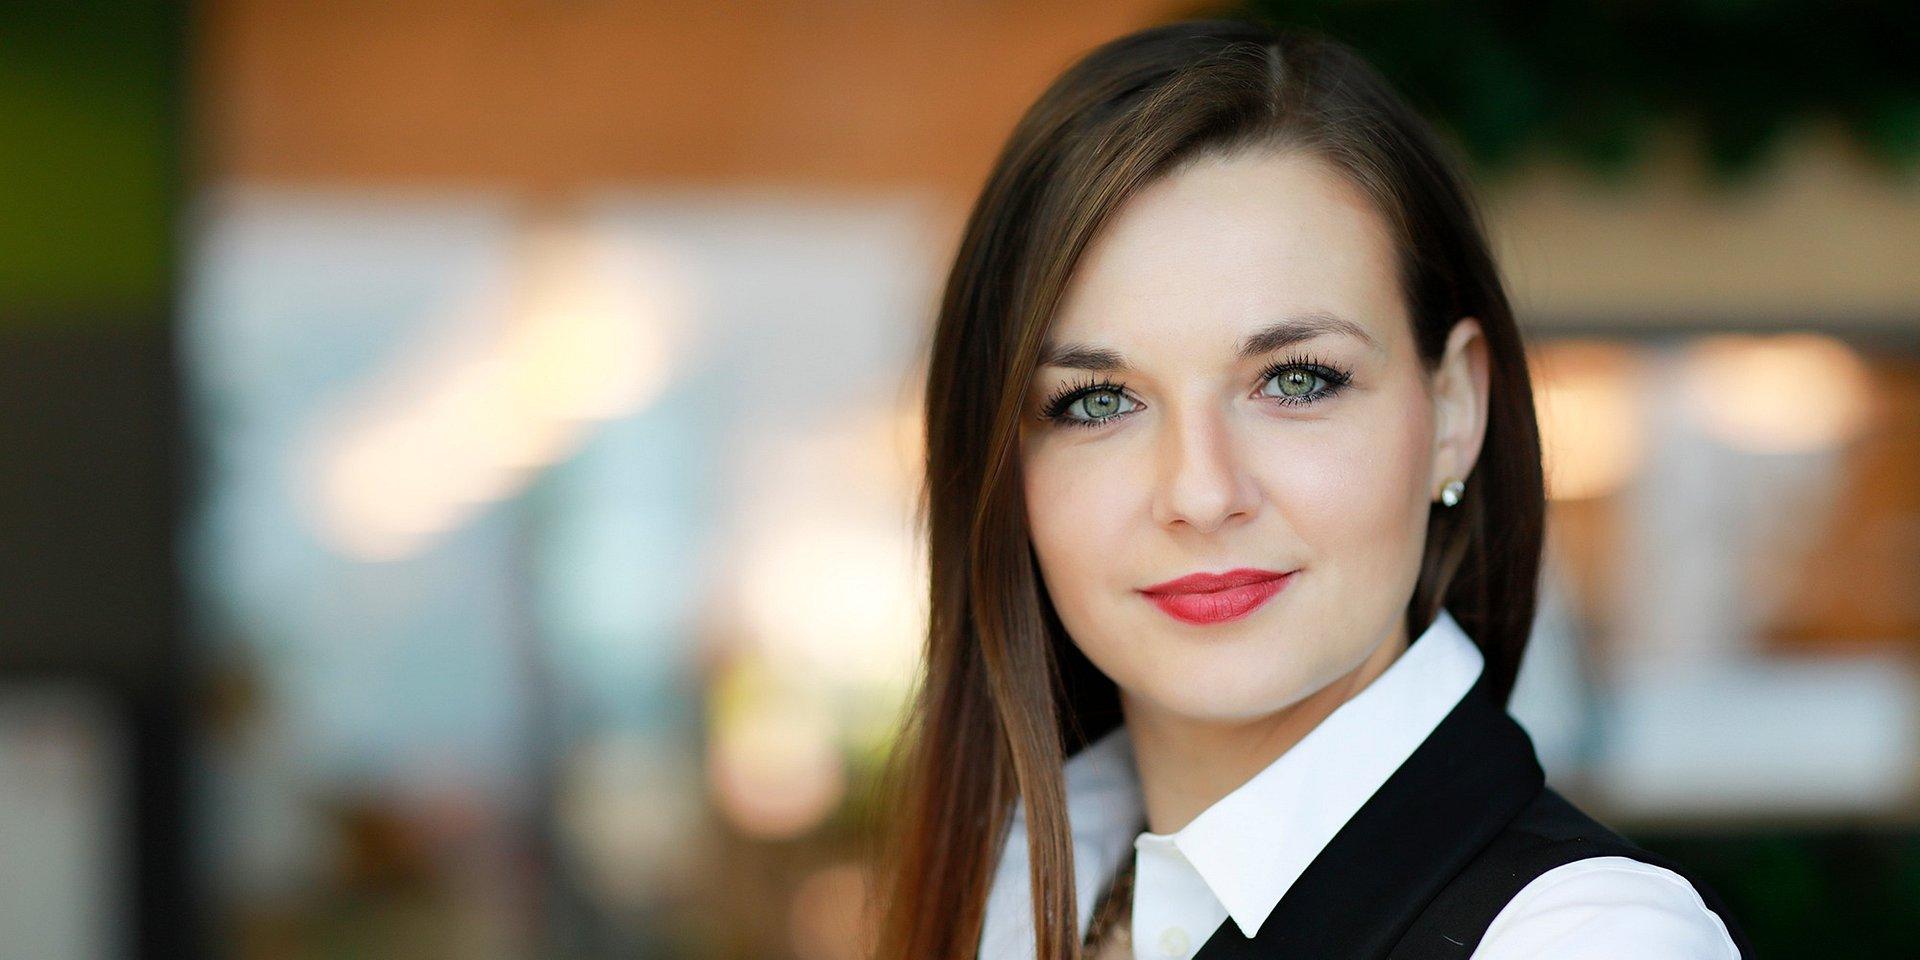 Renata Hartle wzmocni Dział Powierzchni Biurowych w Colliers International